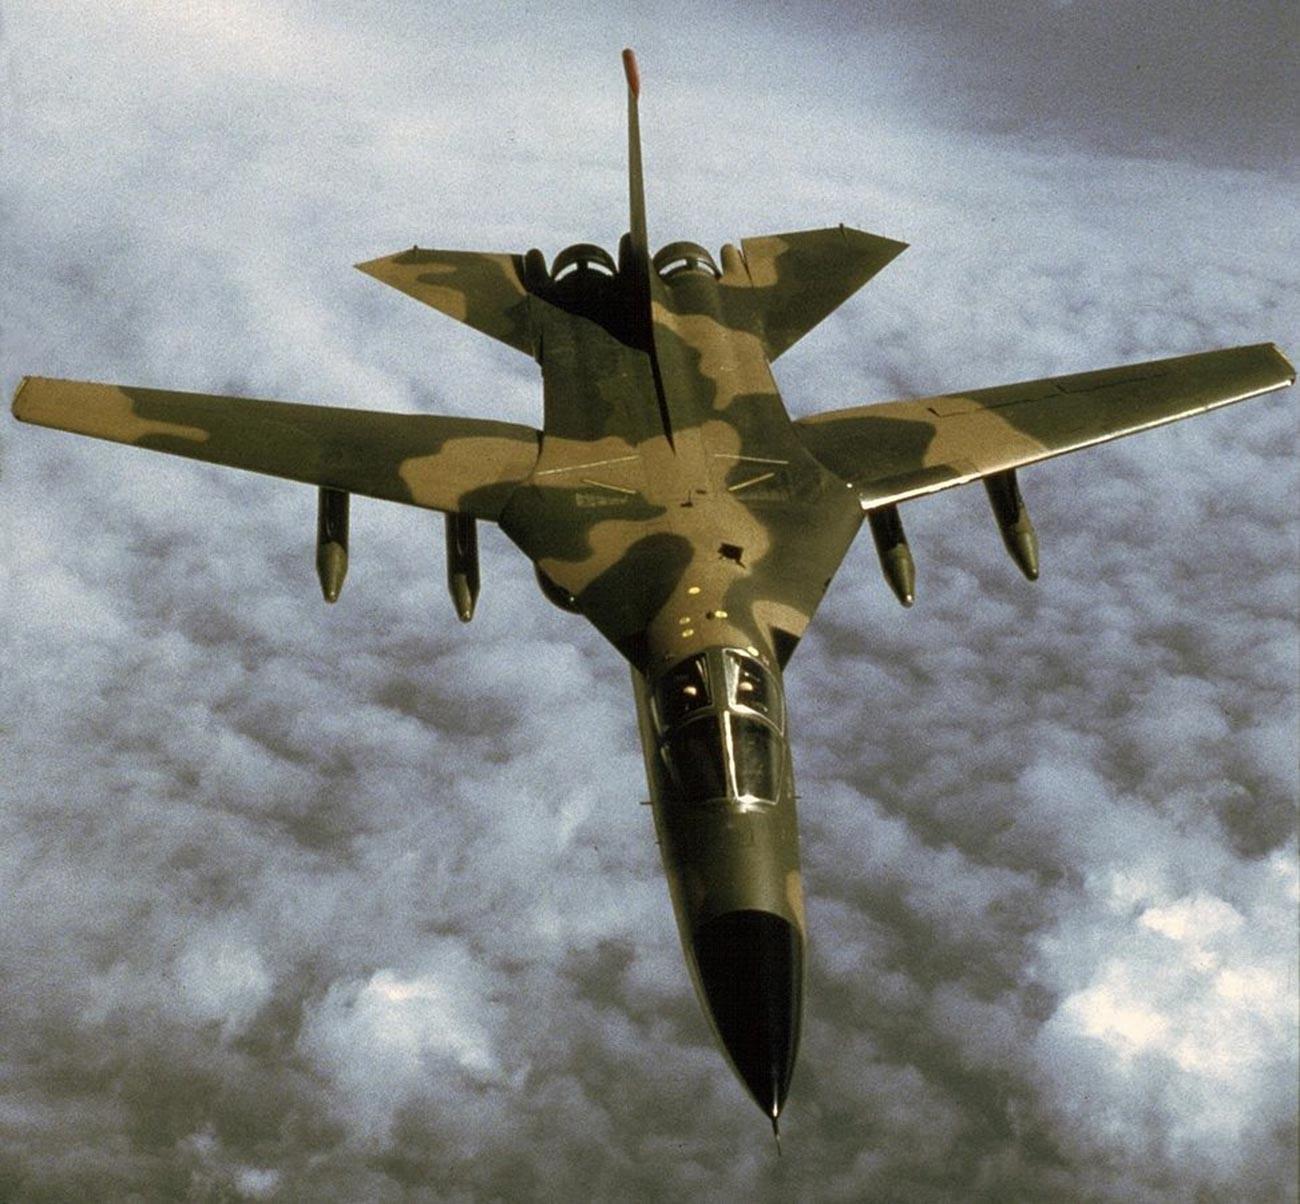 F-111 Aardvark-Kampfflugzeug.